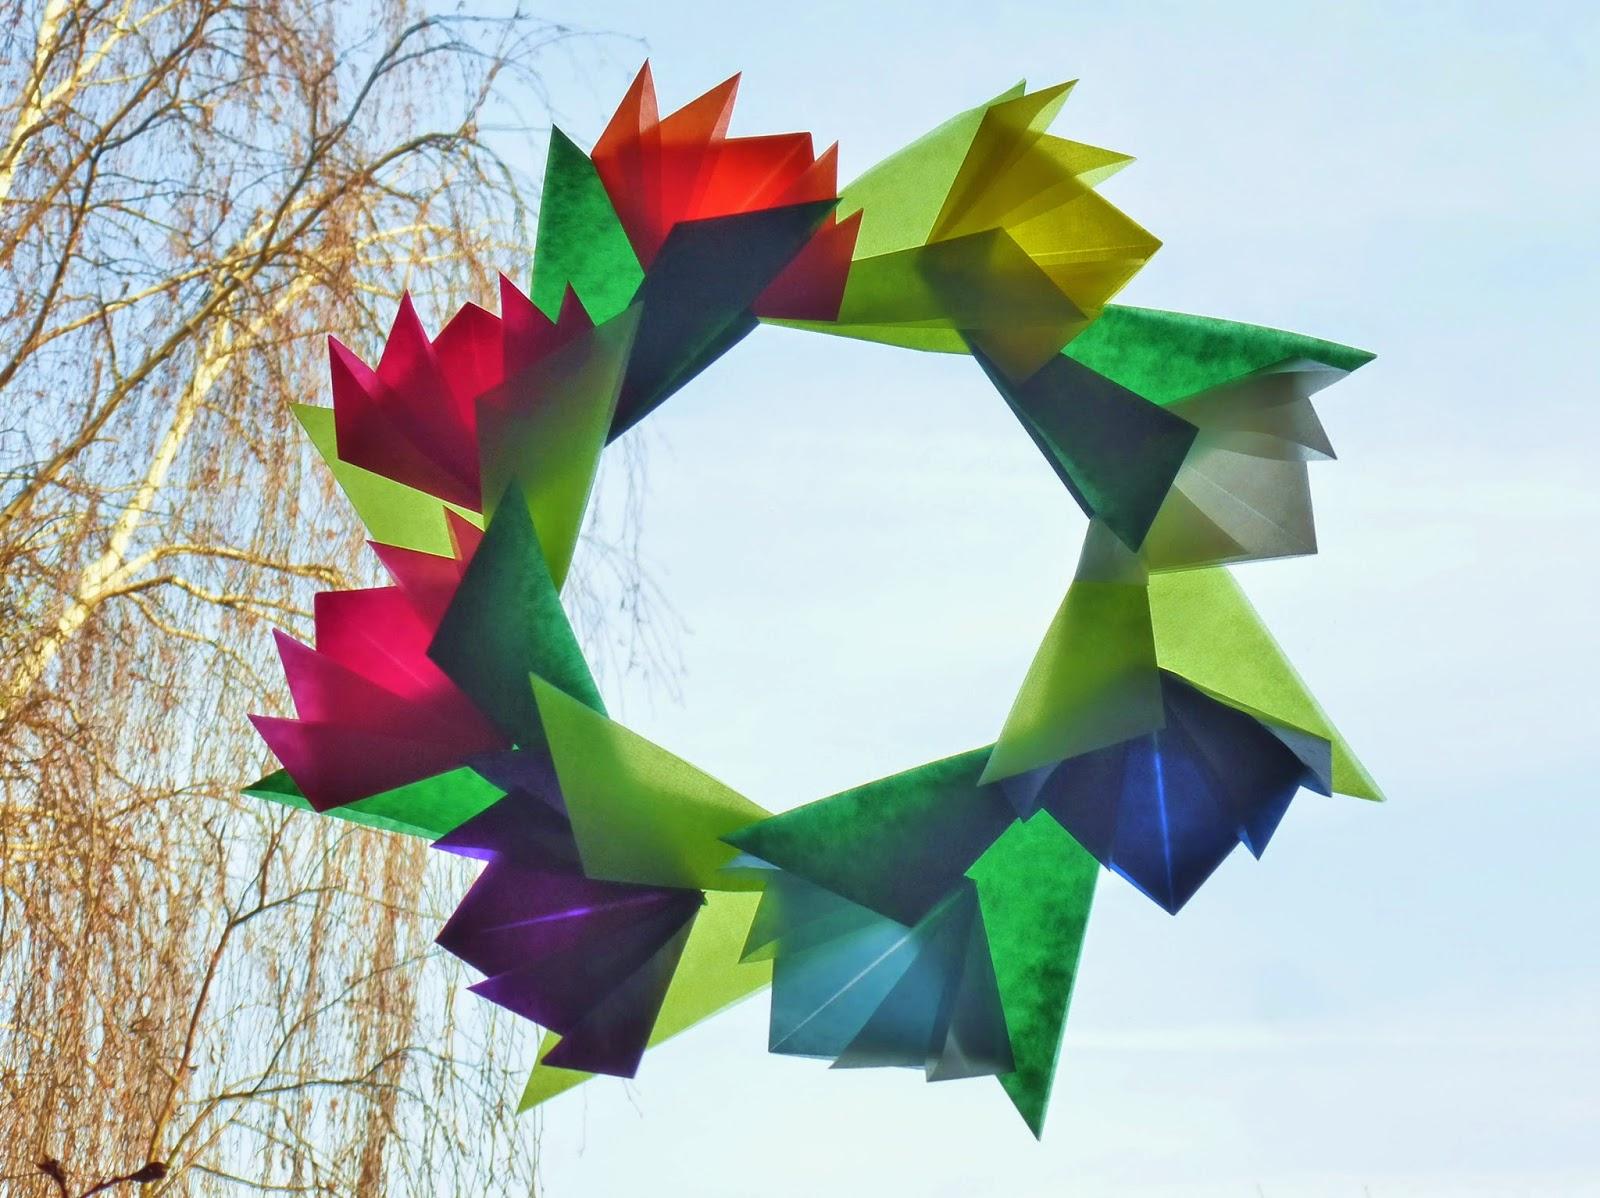 Alltagsbunt fensterbild oder tischdeko kranz aus transparentpapier falten origami mit anleitung - Fensterbilder transparentpapier ...